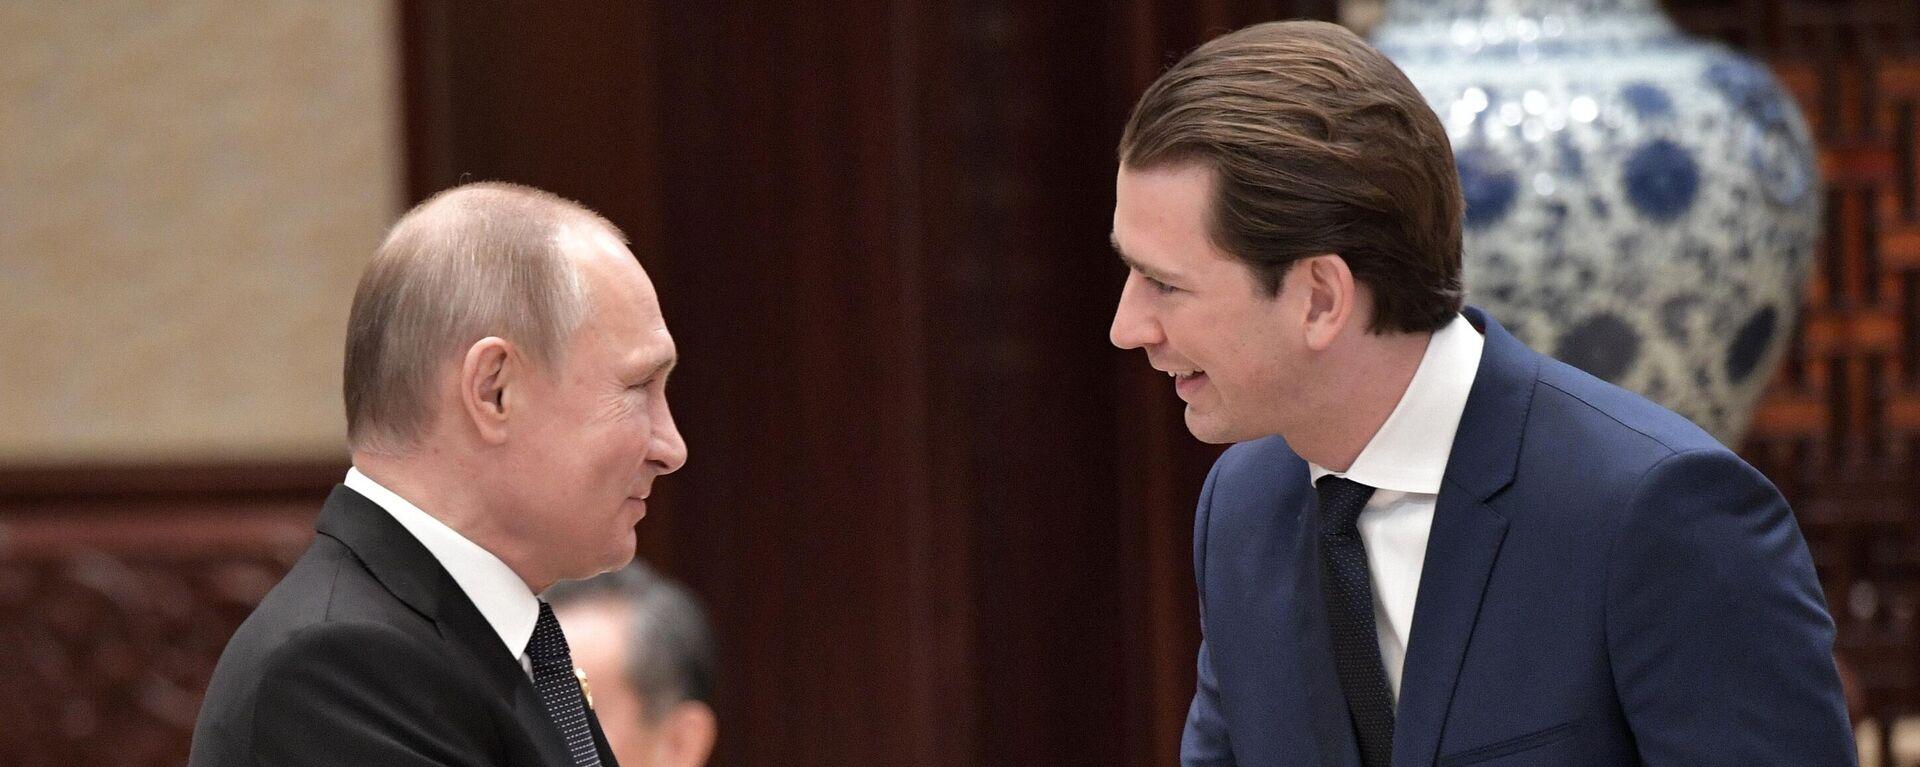 Russlands Präsident Wladimir Putin (l.) und Österreichs Kanzler Sebastian Kurz (Archivfoto) - SNA, 1920, 26.02.2021